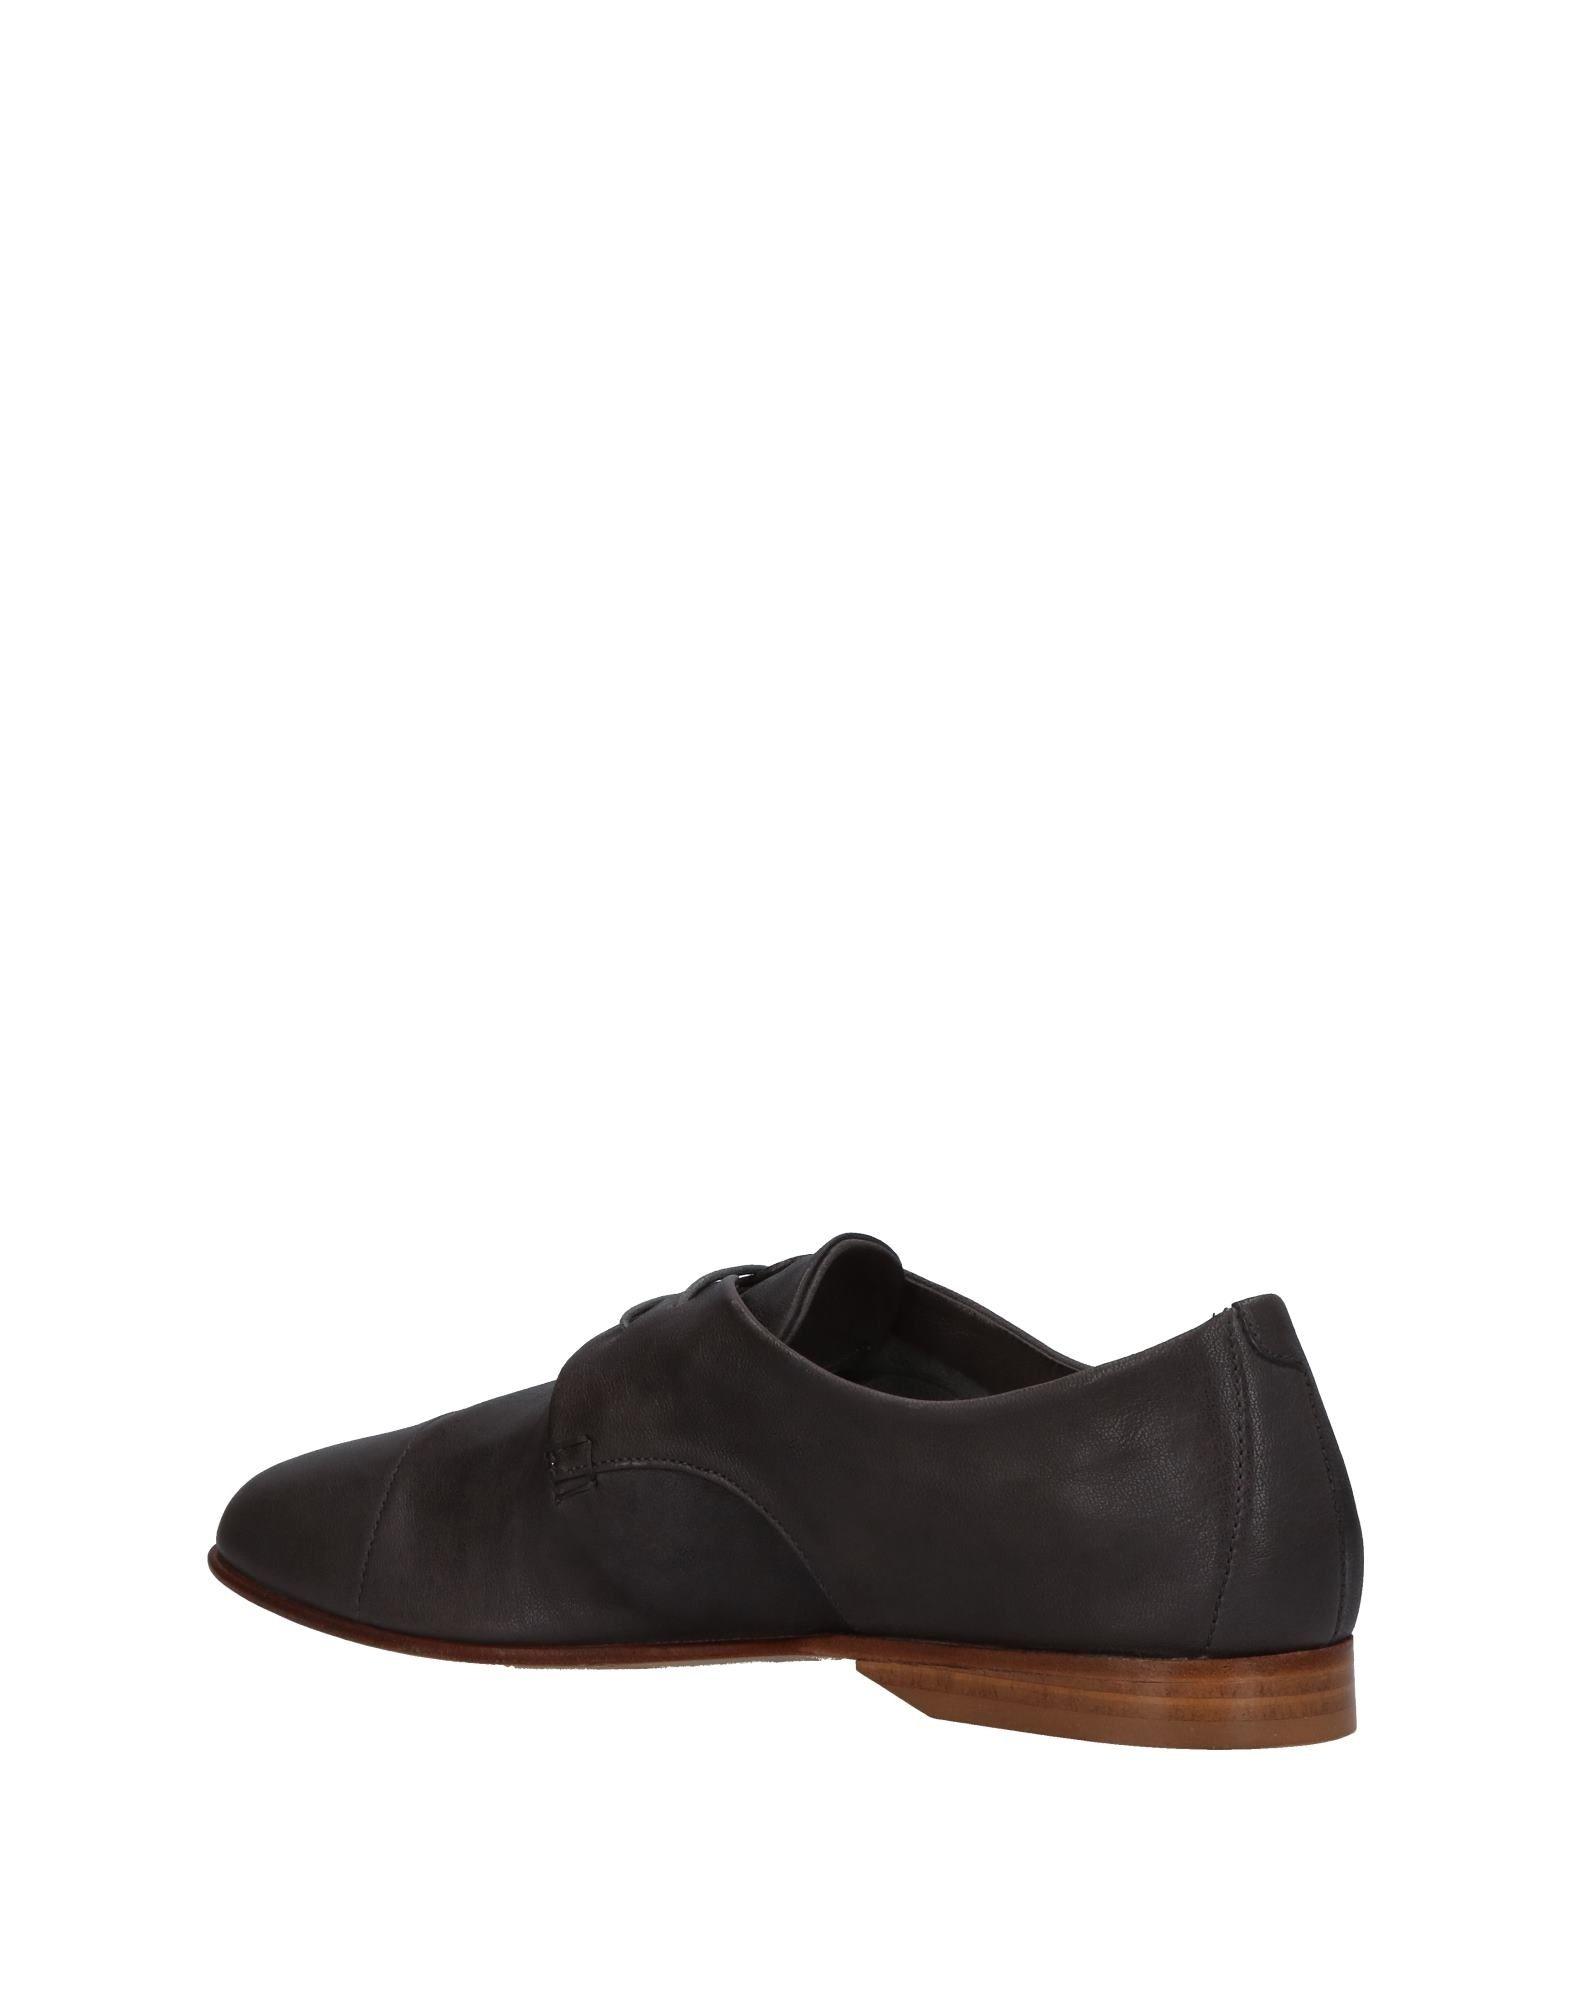 Chaussures À Lacets Alberto Fermani Femme - Chaussures À Lacets Alberto Fermani sur